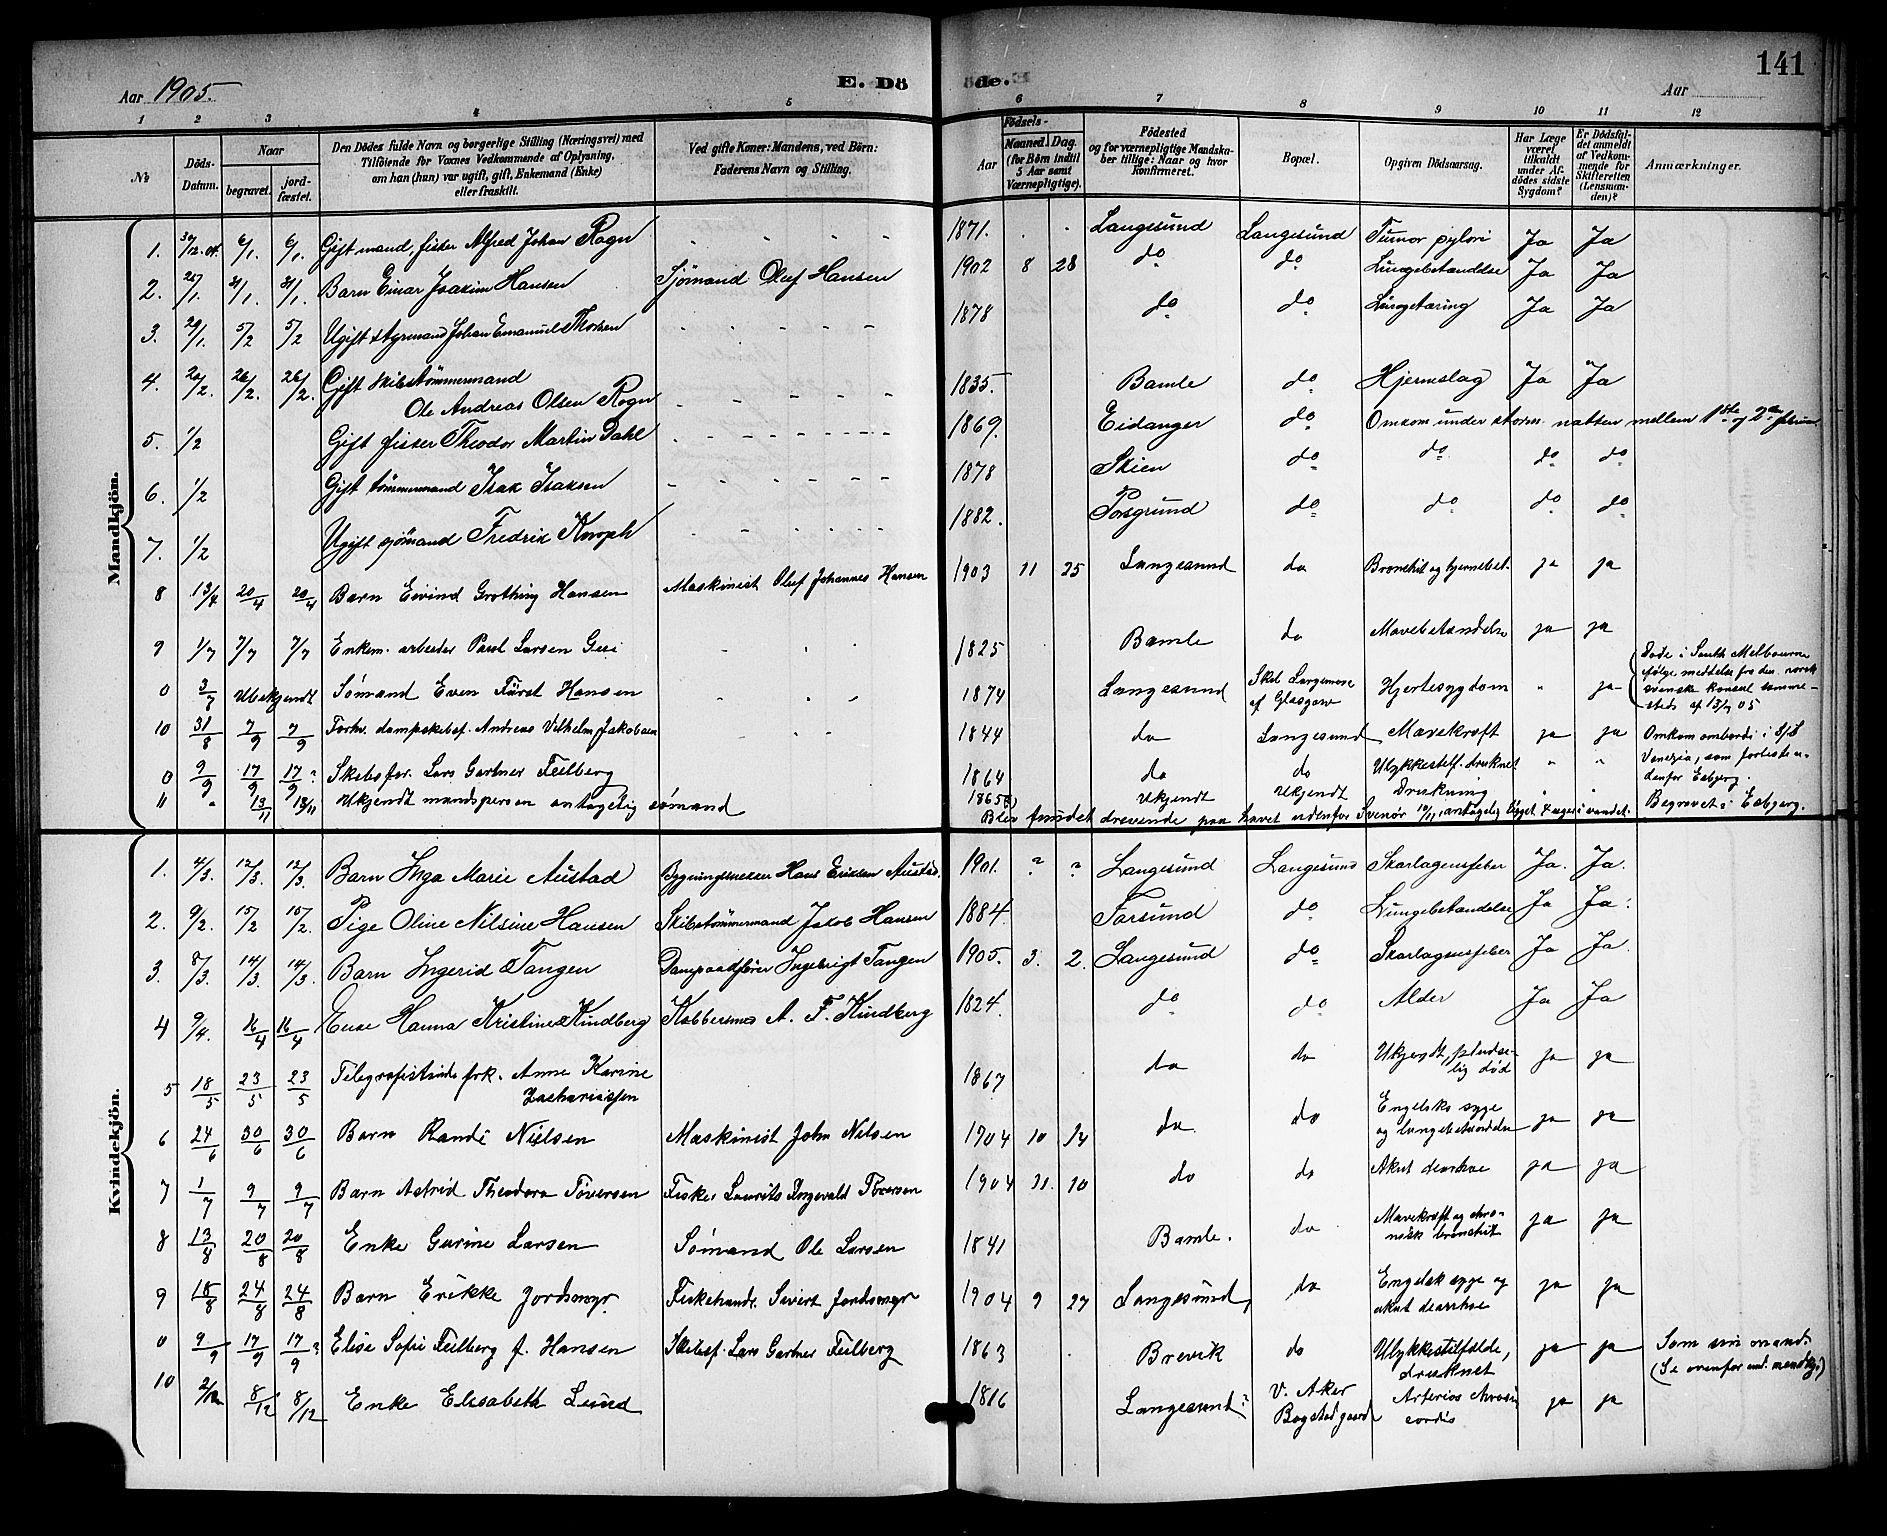 SAKO, Langesund kirkebøker, G/Ga/L0006: Klokkerbok nr. 6, 1899-1918, s. 141